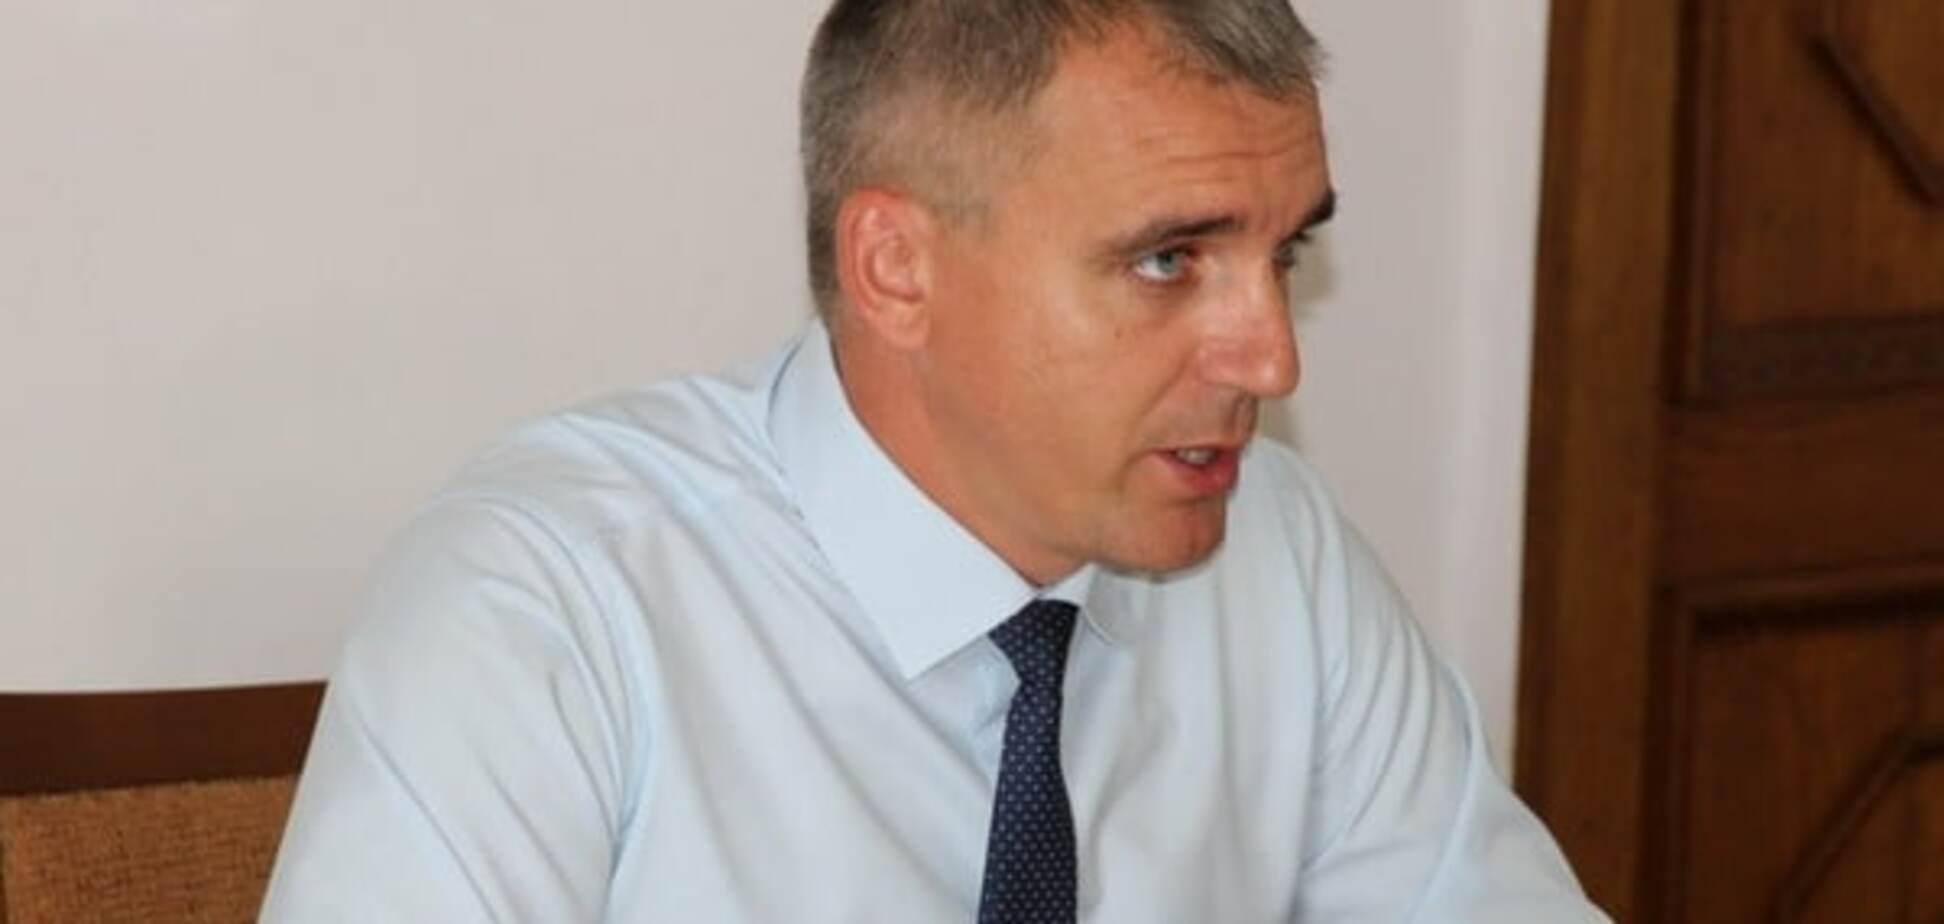 Мэр Николаева остановил прием львовского мусора из-за 'искусственного скандала'